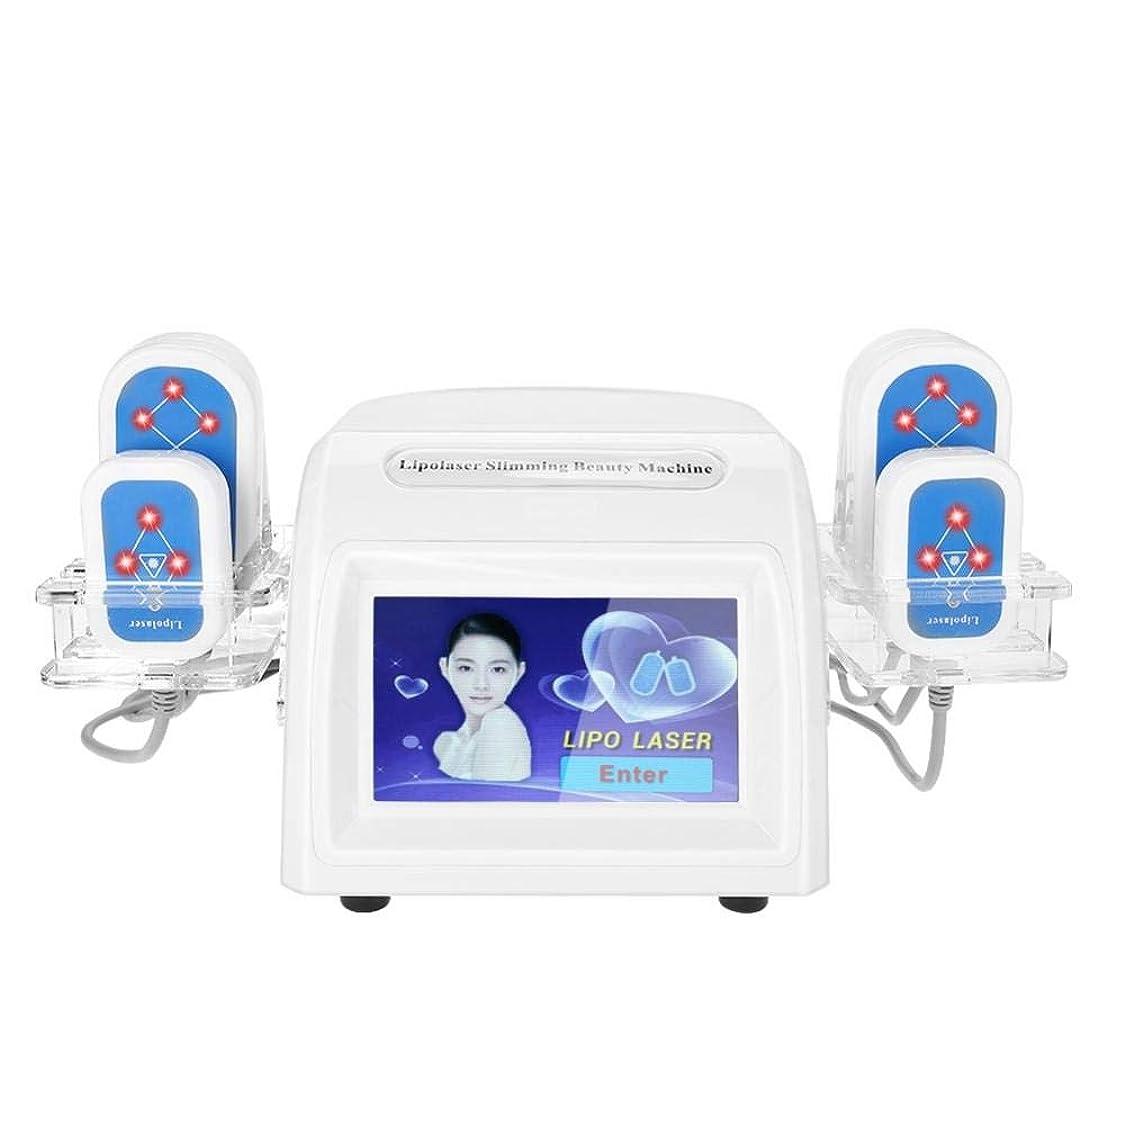 入場代わりの学習高周波引き締め&減らすSlim身美容機 デスクトップ 灯 パッチ溶解器具 周波数 セルライト 美容機(03)